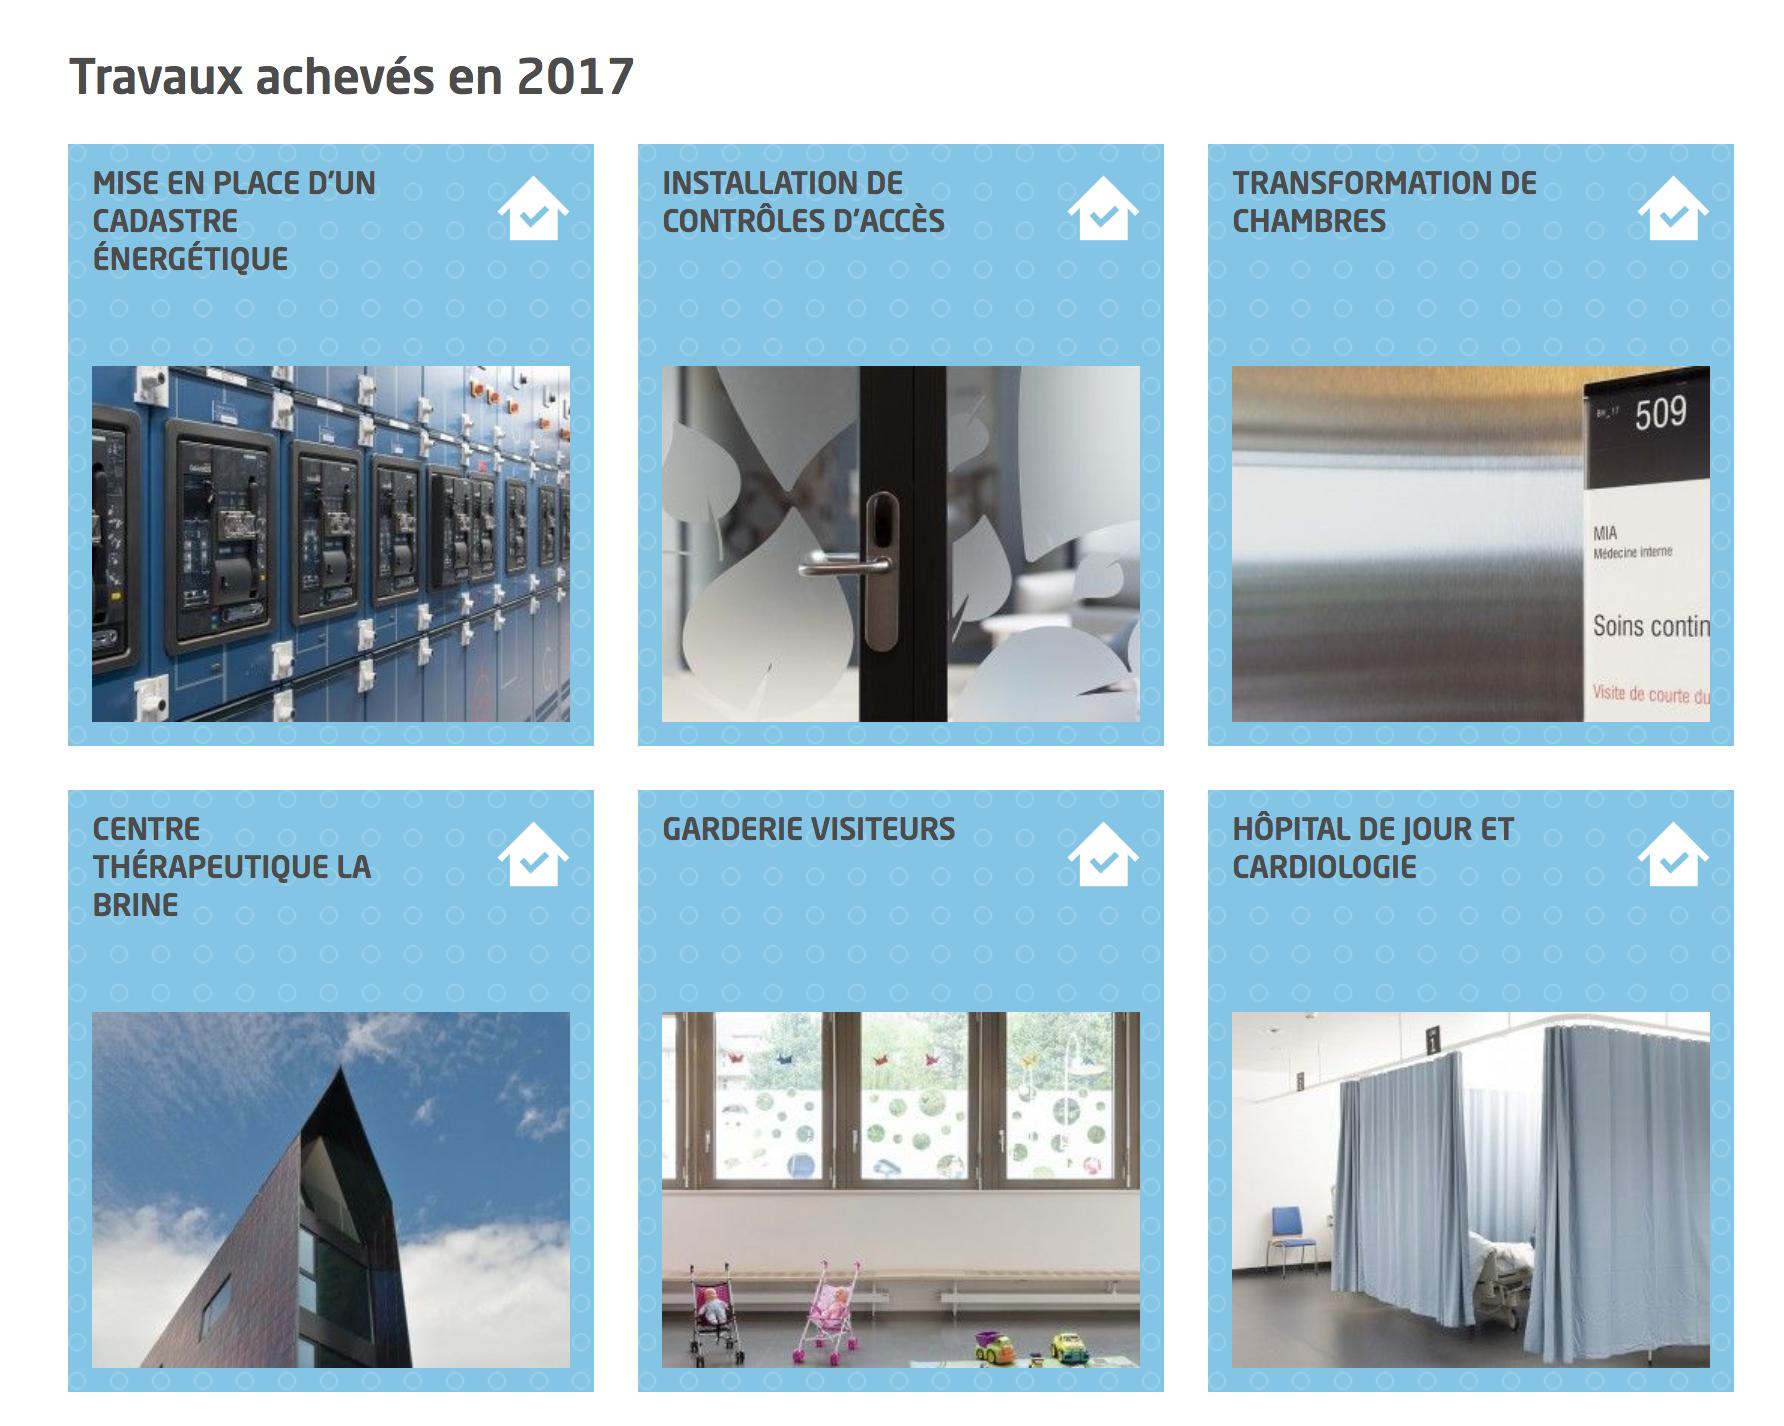 Affichage de la liste des constructions (collection)